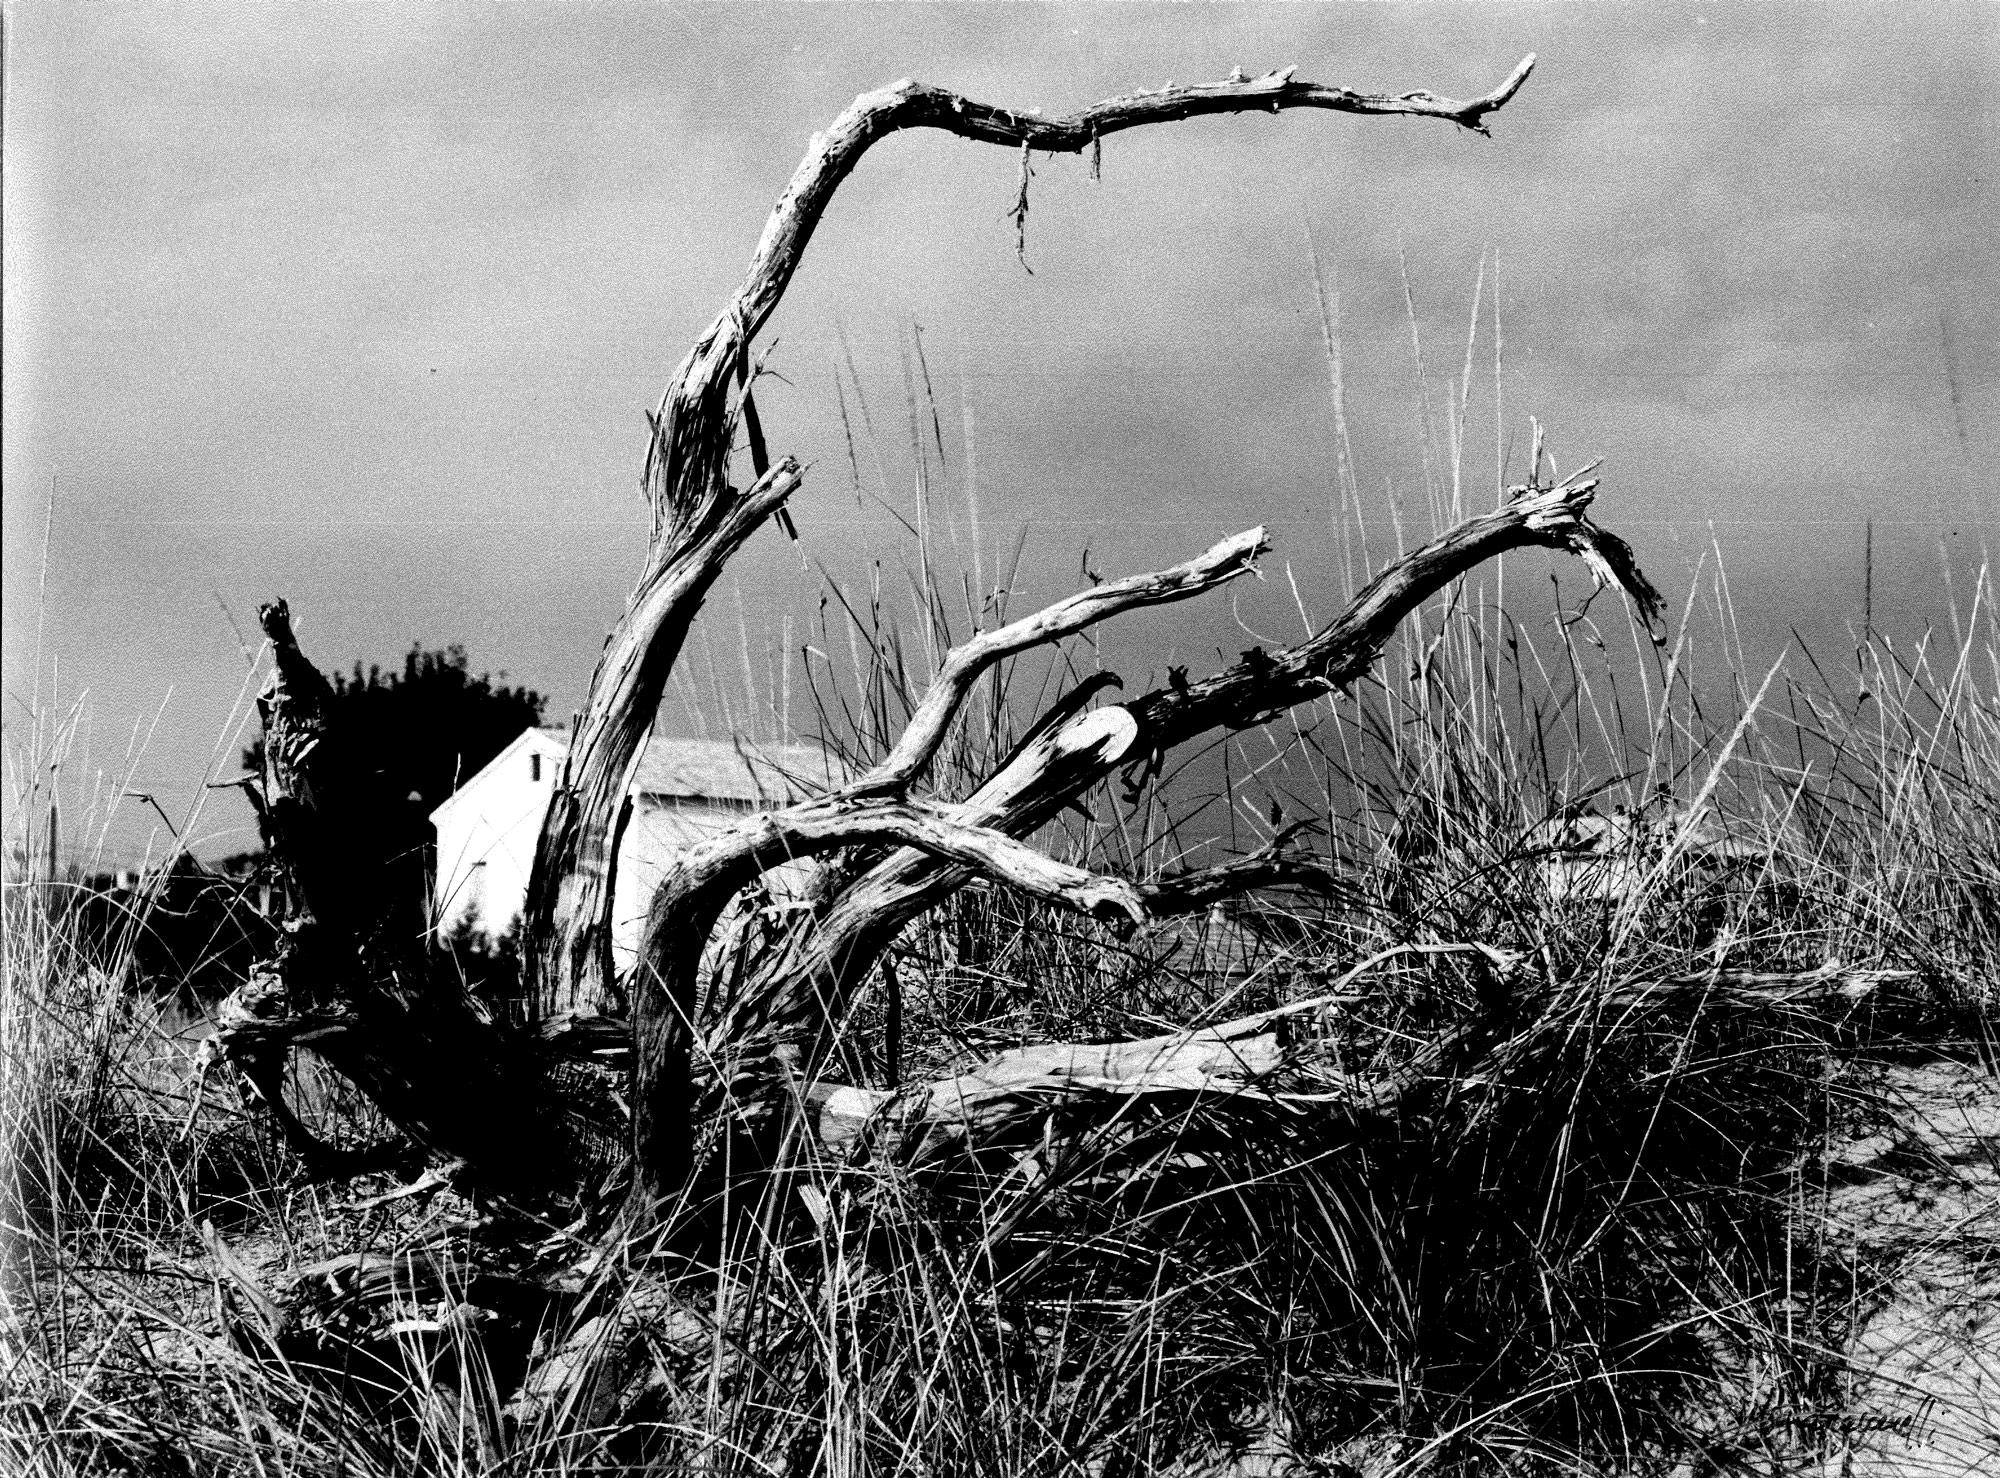 La casa e l'albero, 1956